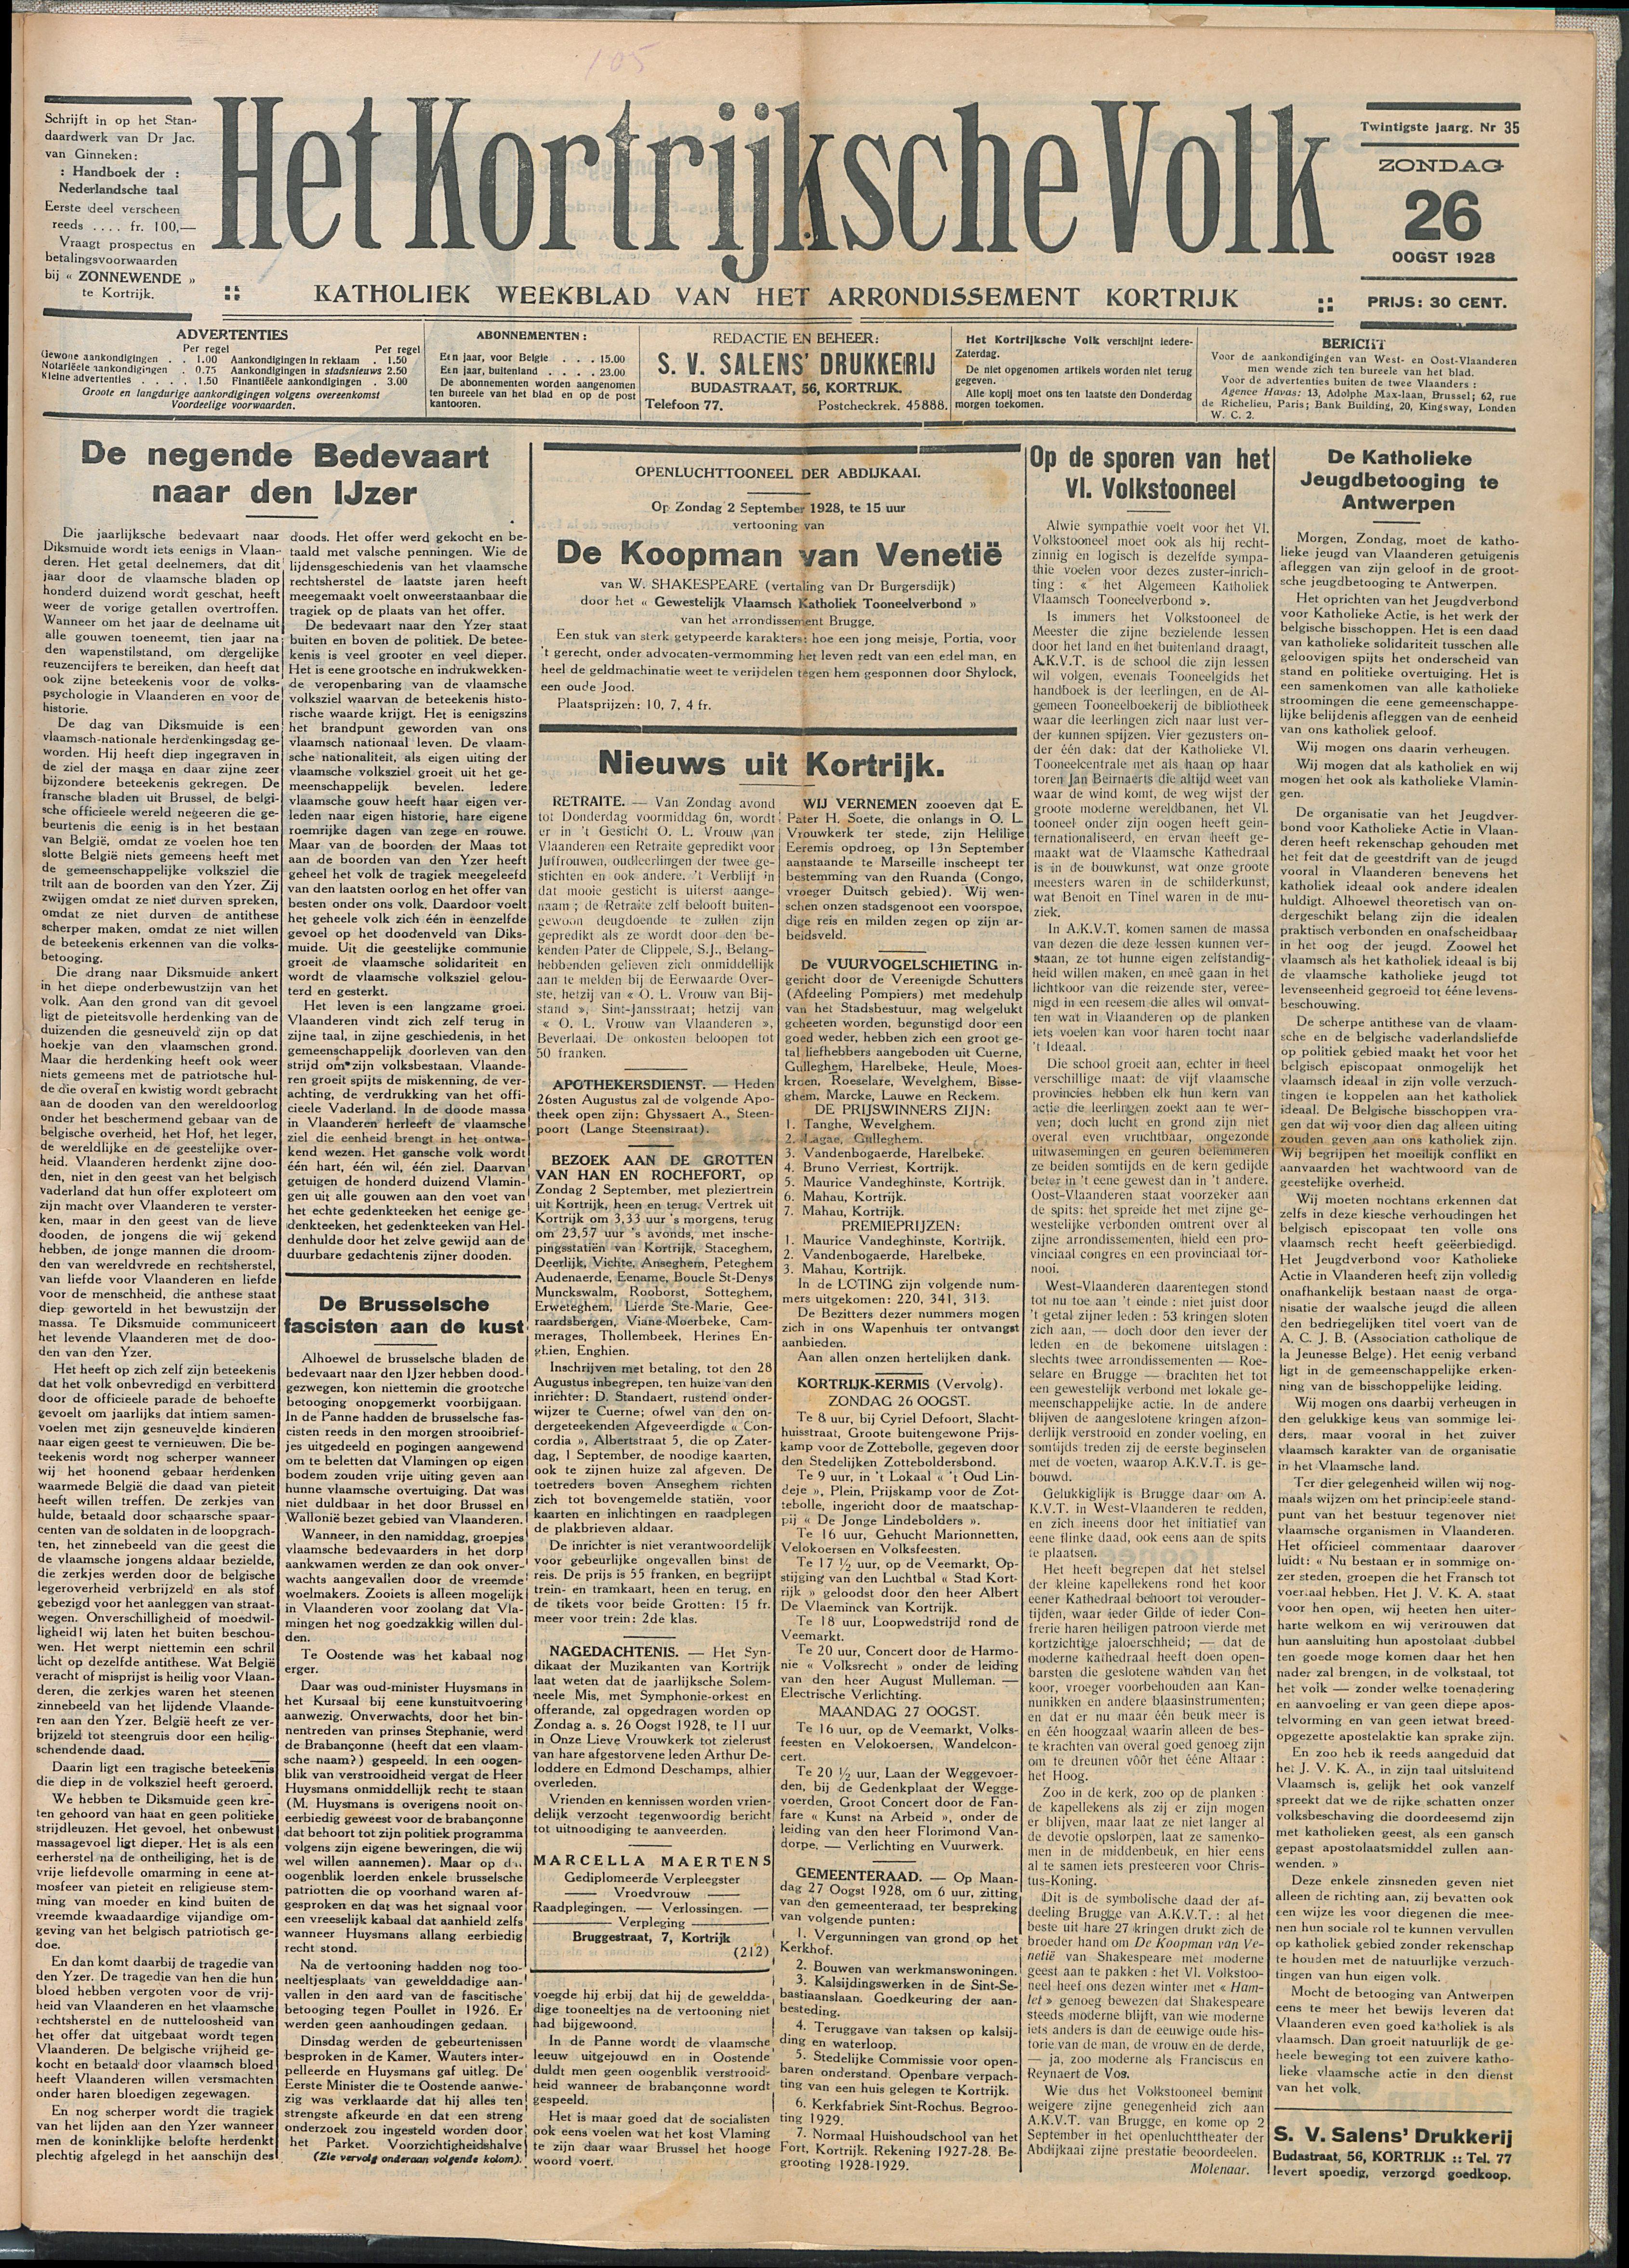 Het Kortrijksche Volk 1928-08-26 p1